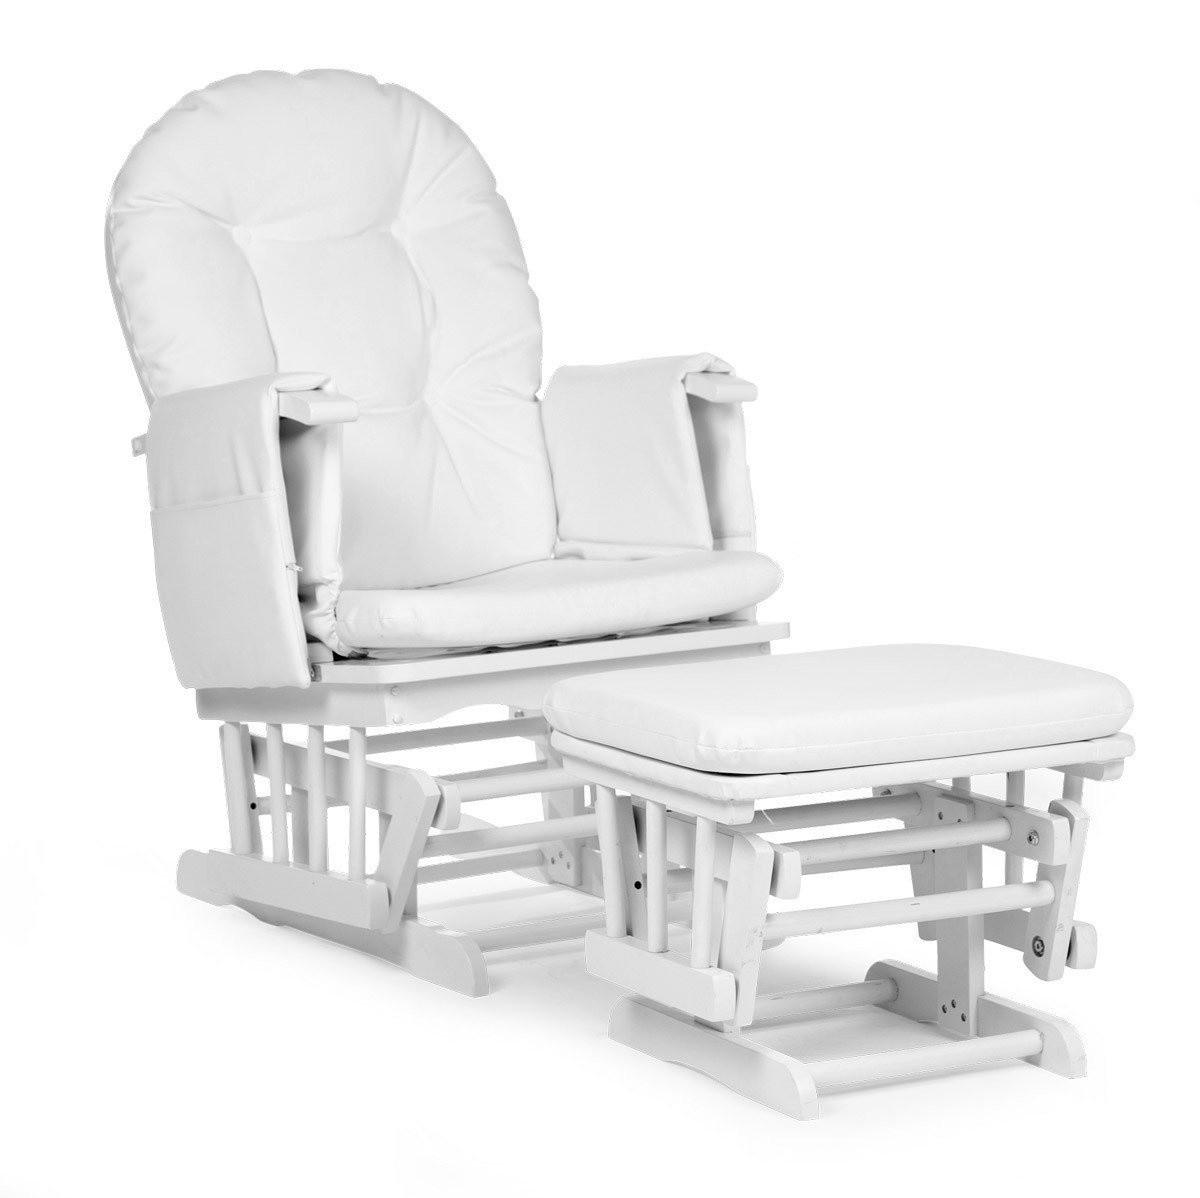 chaise bascule d 39 allaitement chaise id es de d coration de maison v0l4qrndpv. Black Bedroom Furniture Sets. Home Design Ideas